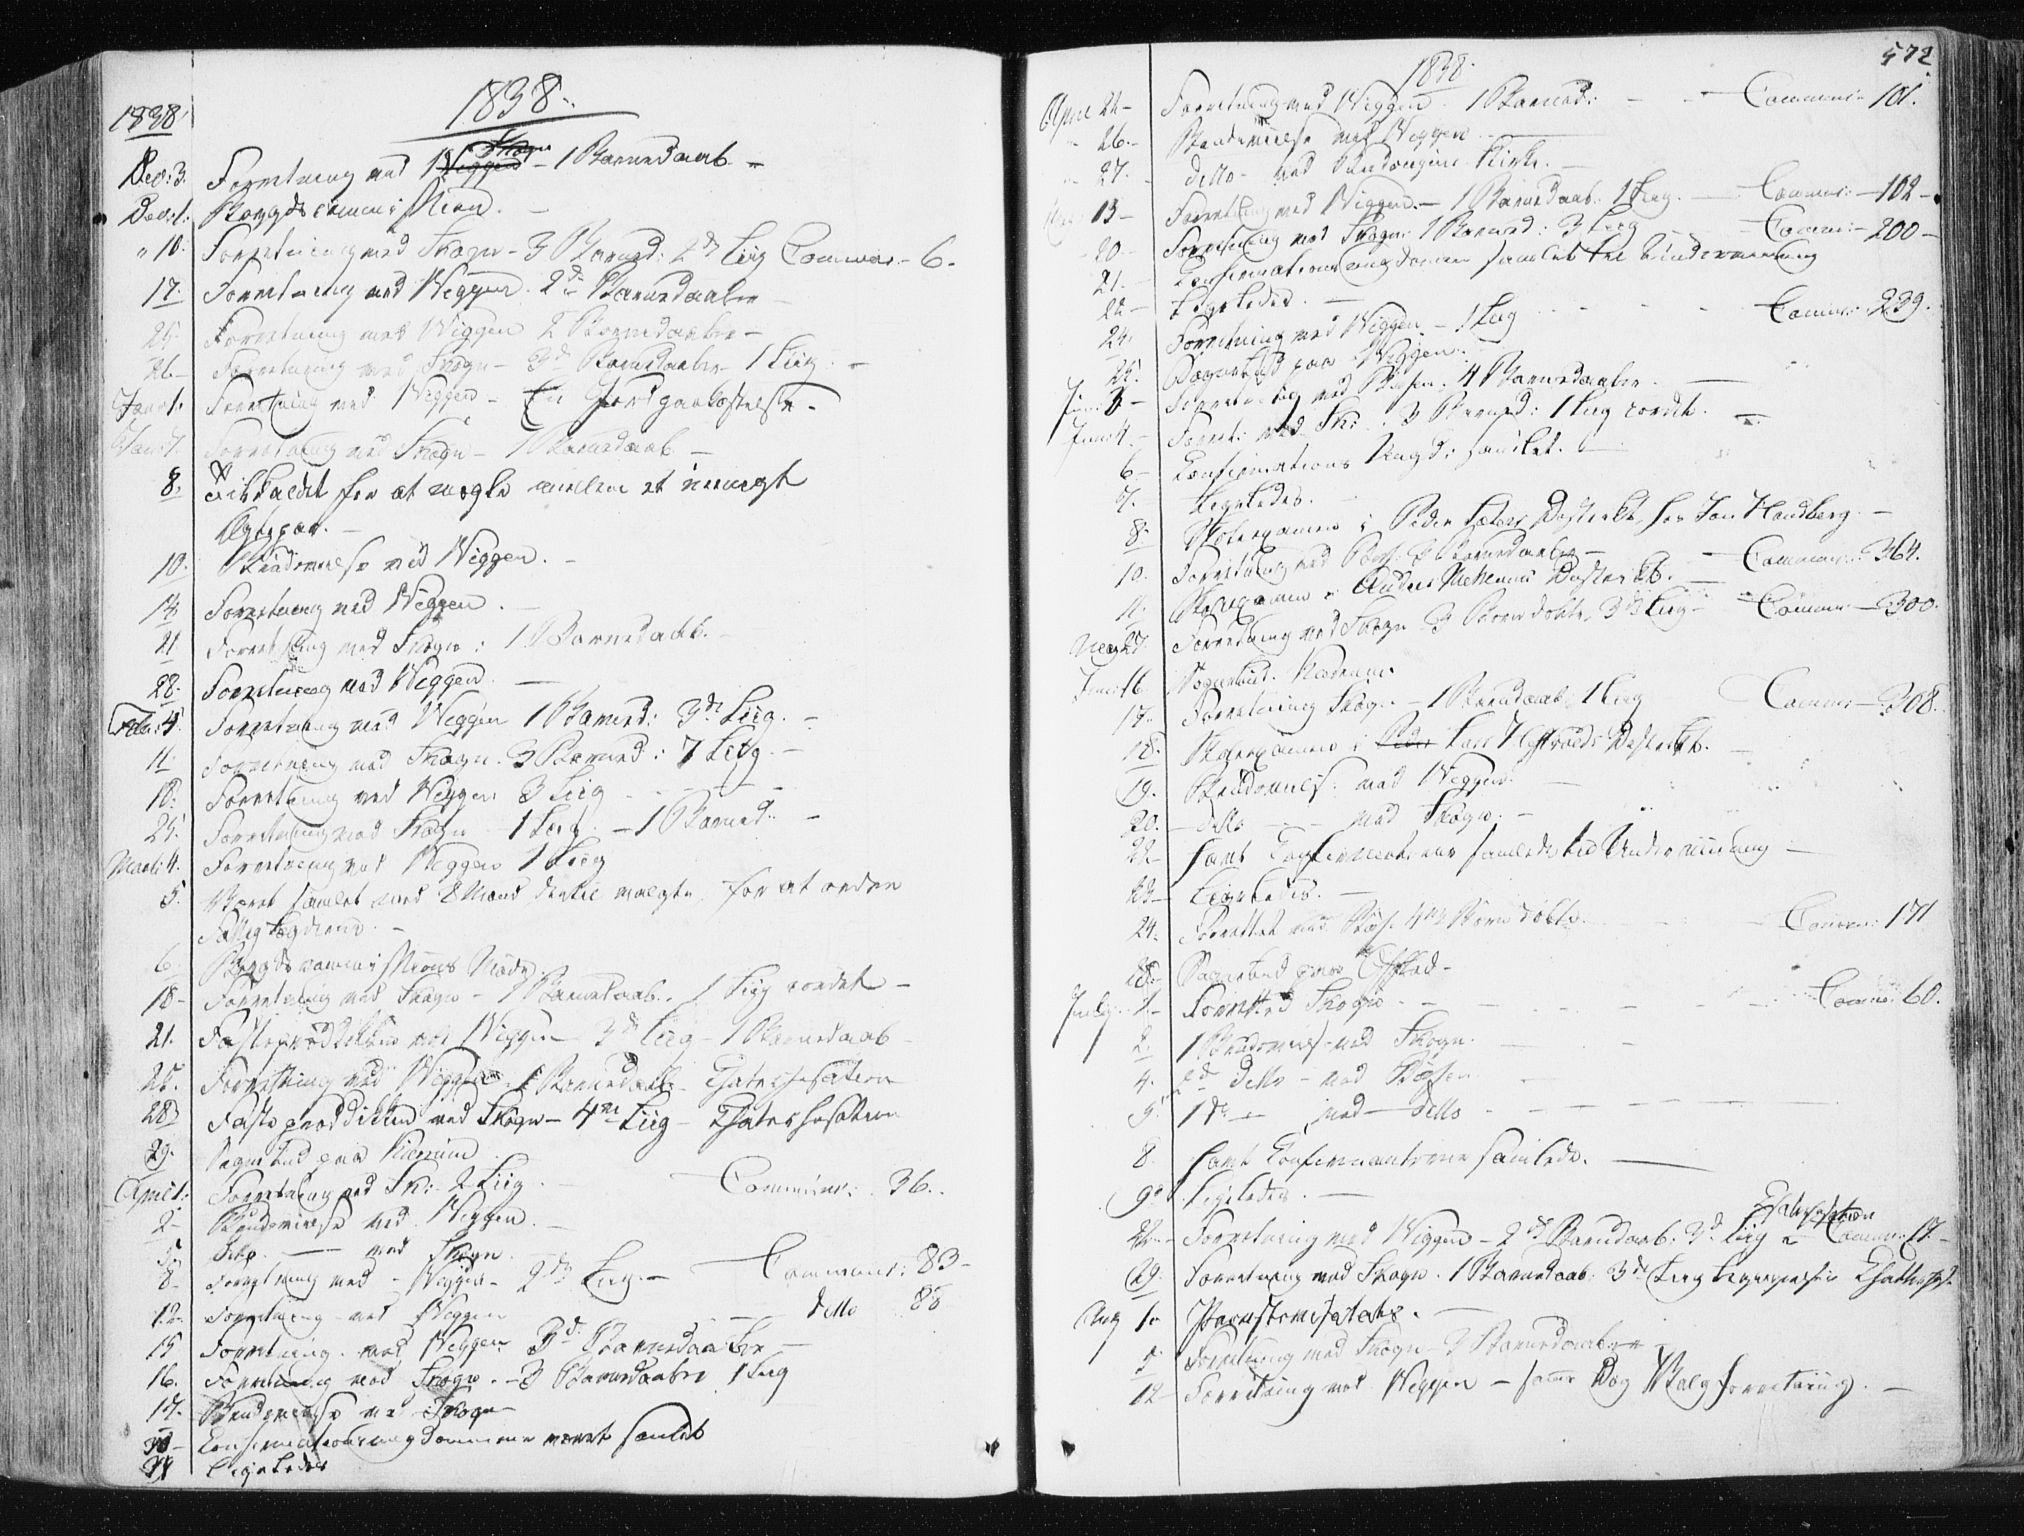 SAT, Ministerialprotokoller, klokkerbøker og fødselsregistre - Sør-Trøndelag, 665/L0771: Ministerialbok nr. 665A06, 1830-1856, s. 572